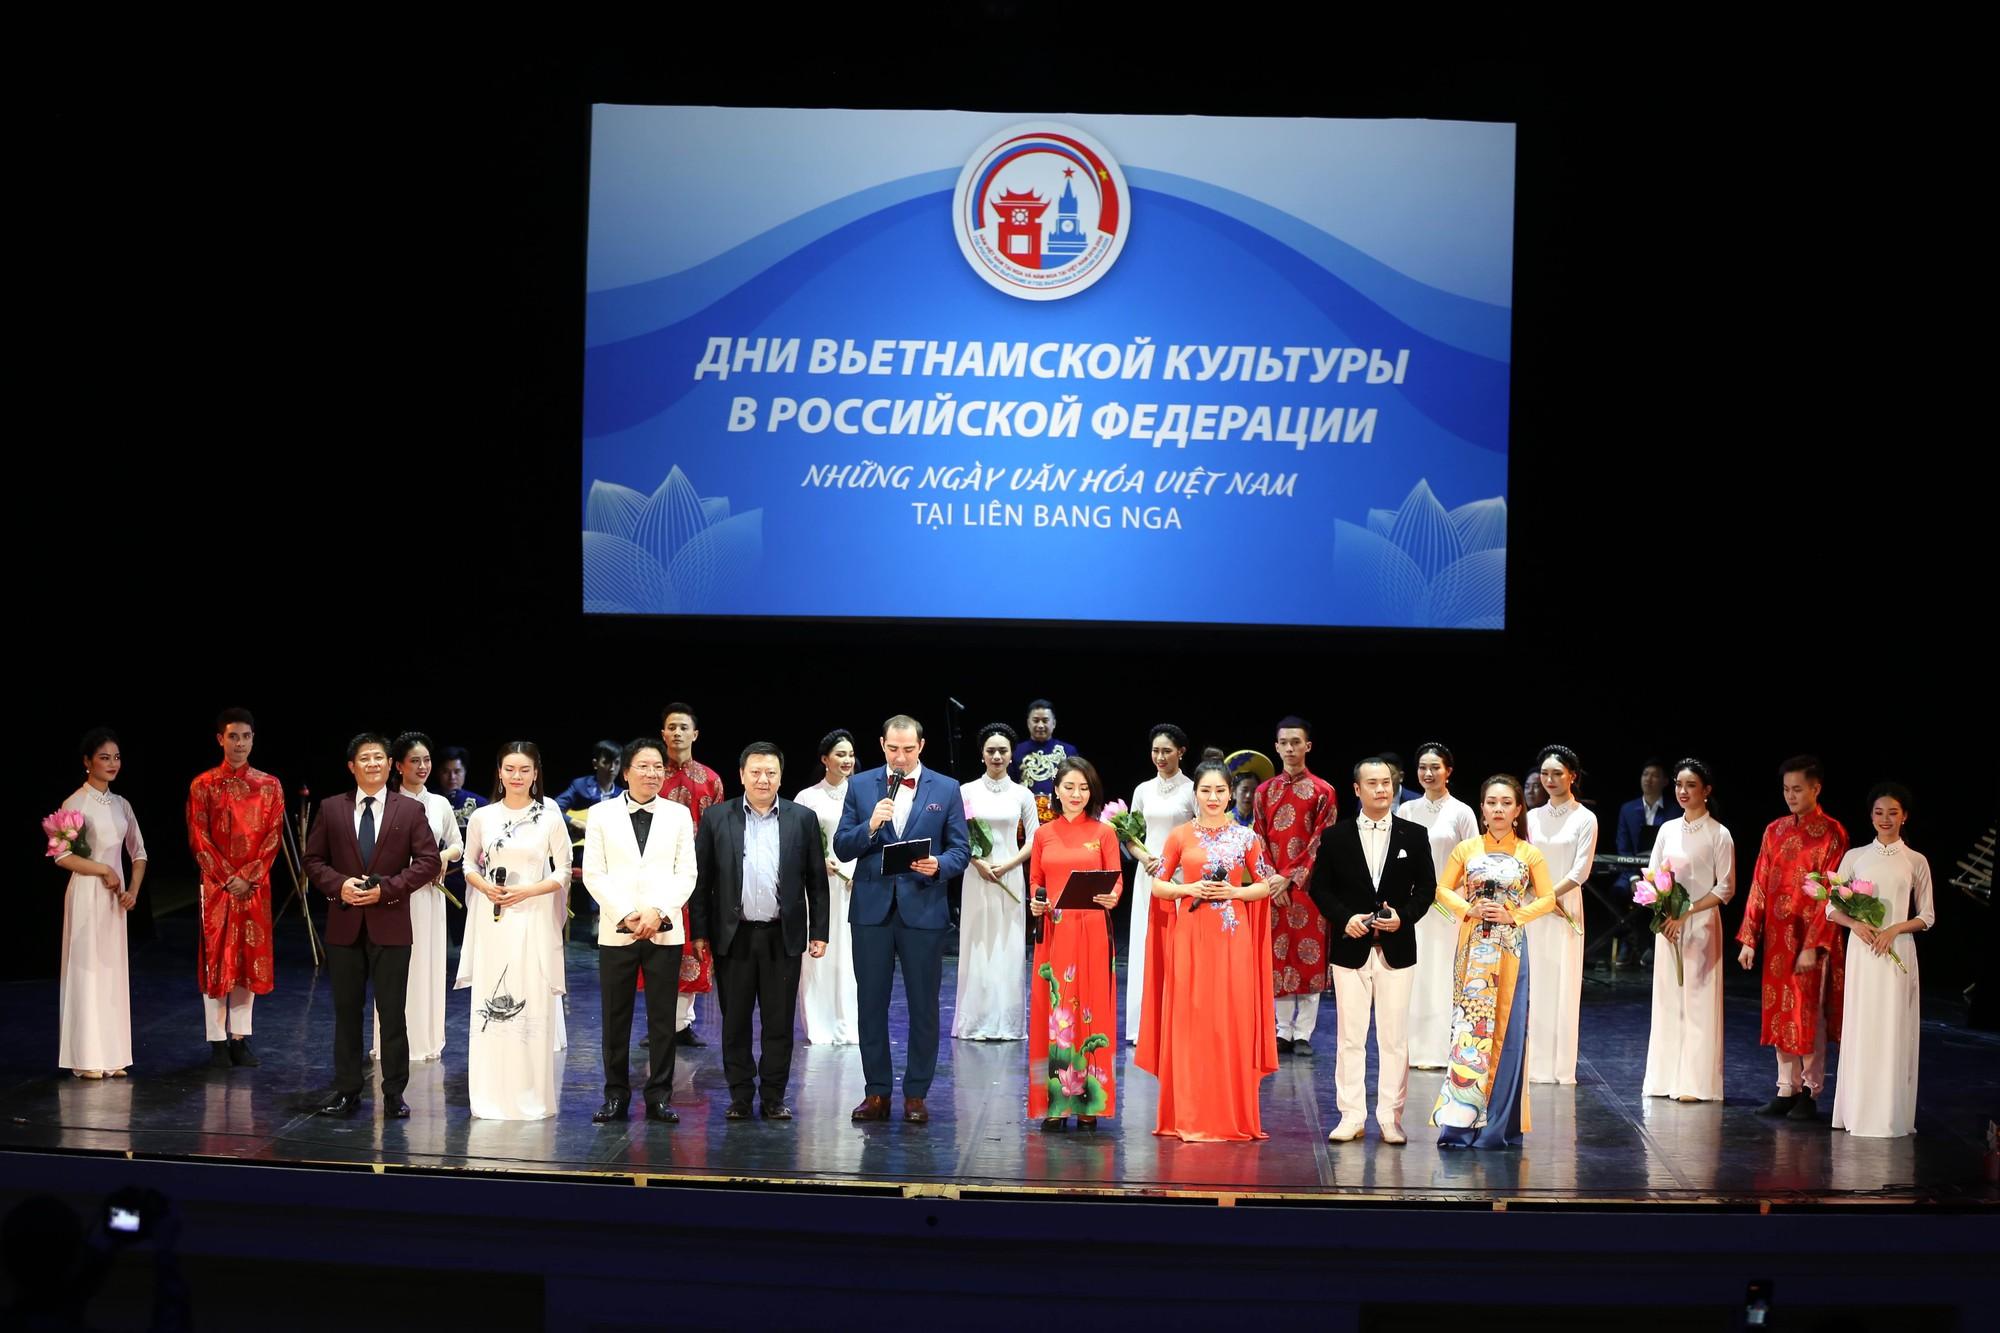 Nghệ thuật Việt Nam tiếp tục toả sáng tại Cố đô St.Petersburg, Liên bang Nga - Ảnh 14.